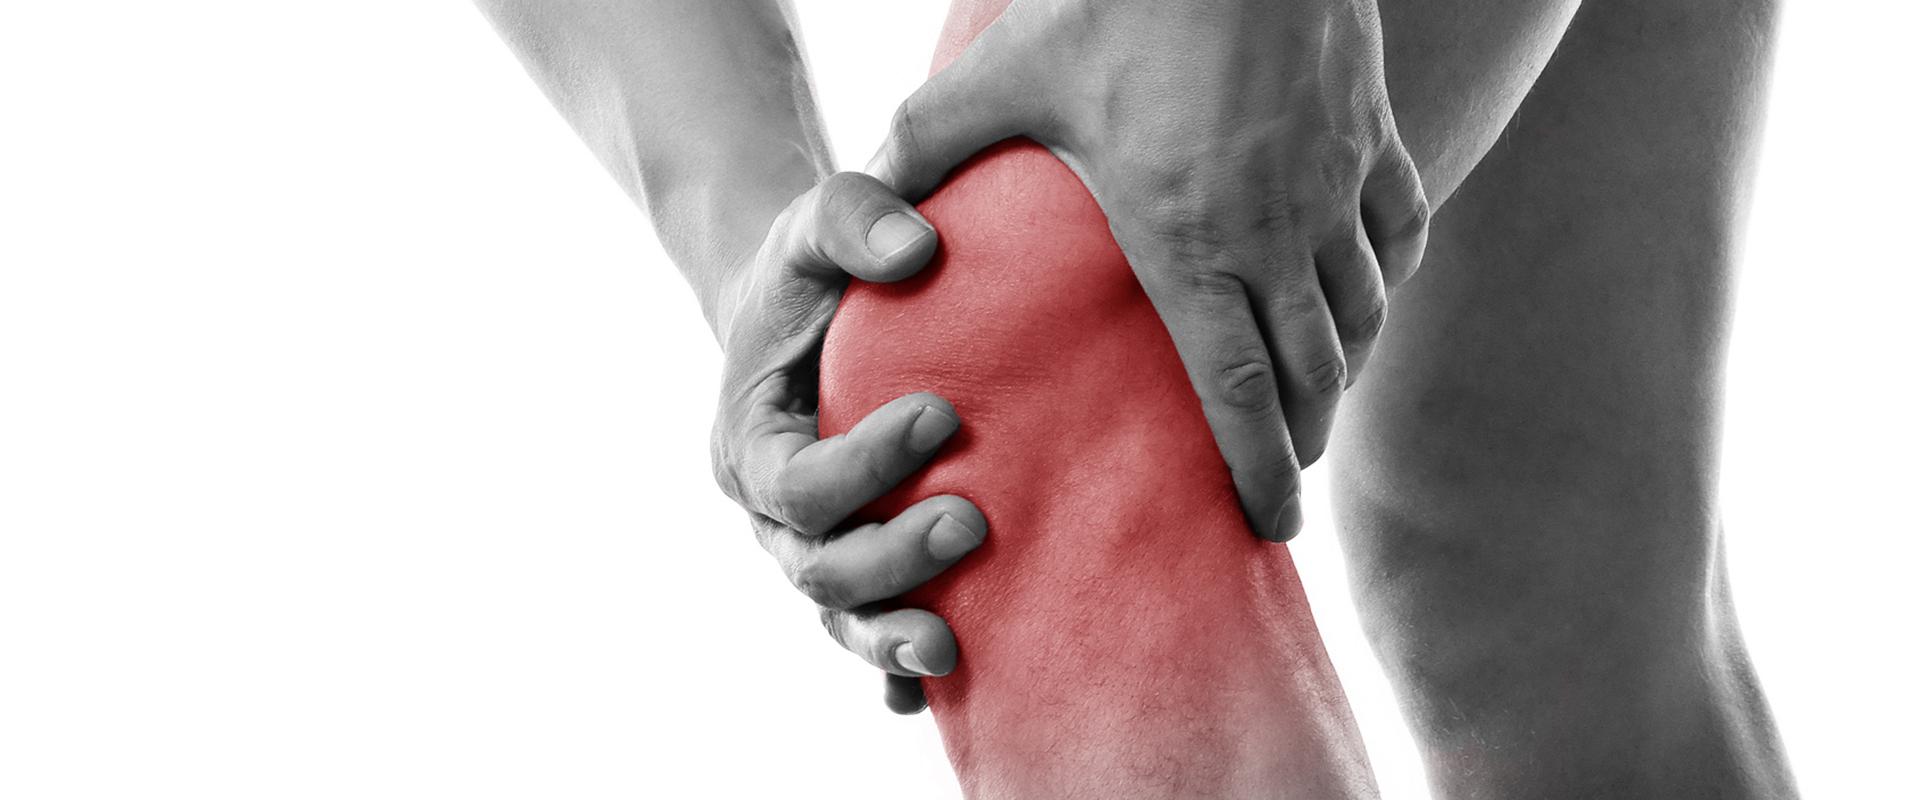 Foto di un ginocchio dolente